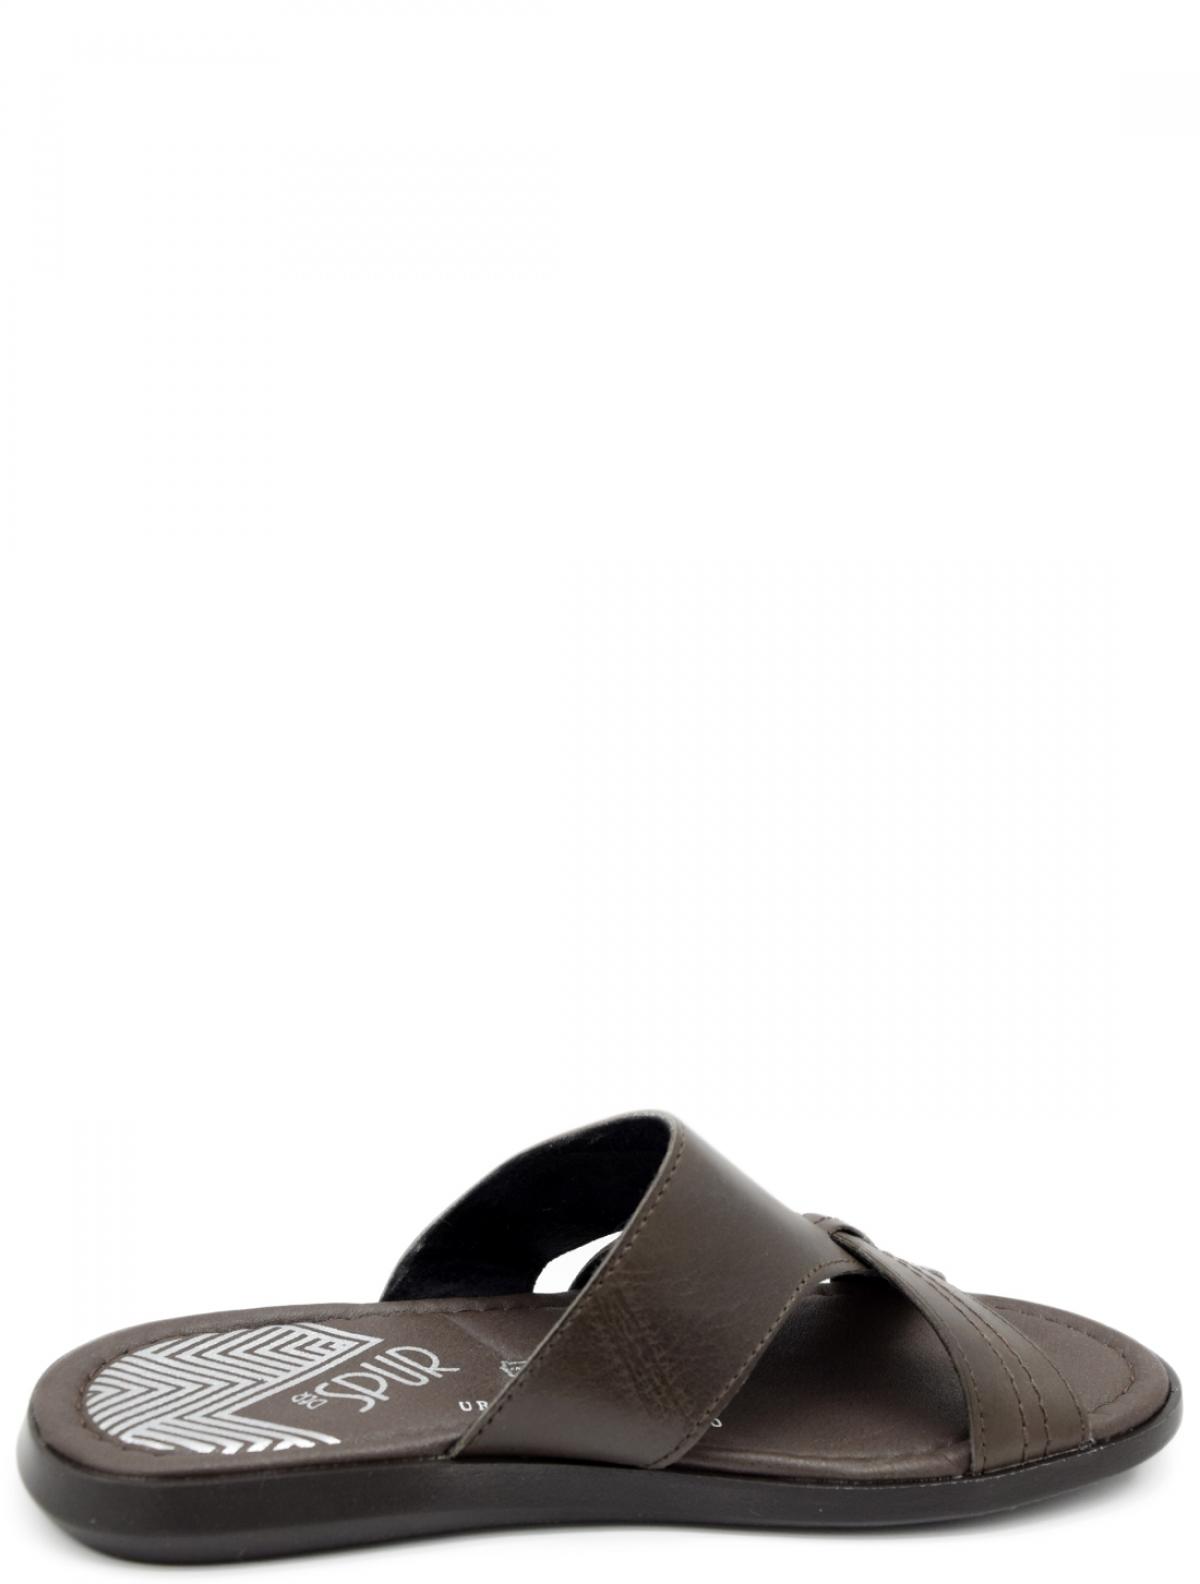 Spur UR021-03-02-KK мужские пантолеты